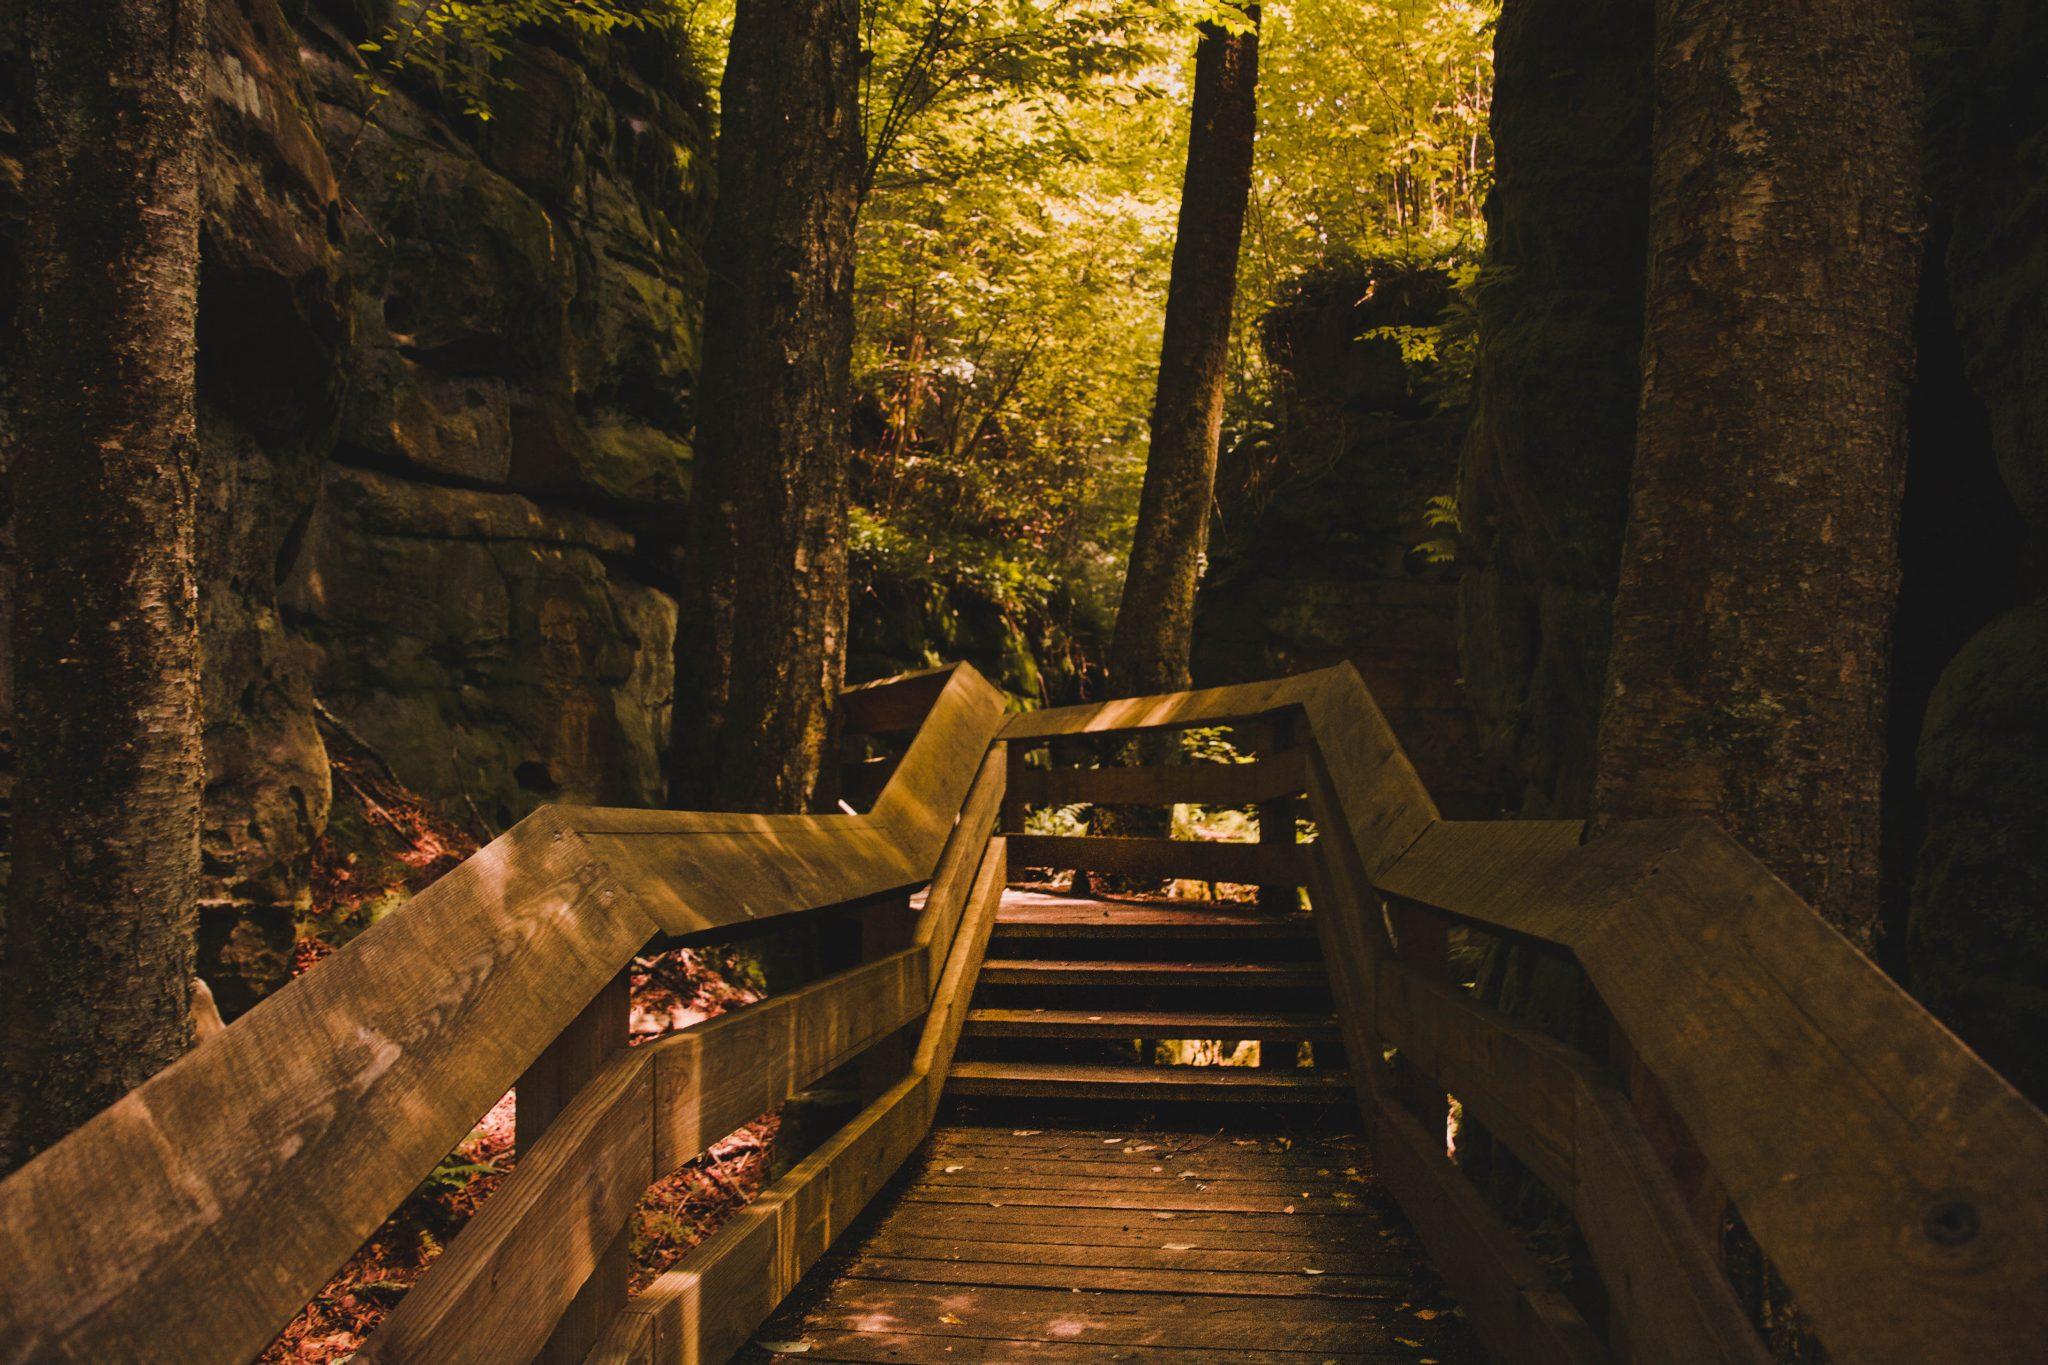 Boardwalk in Beartown State Park